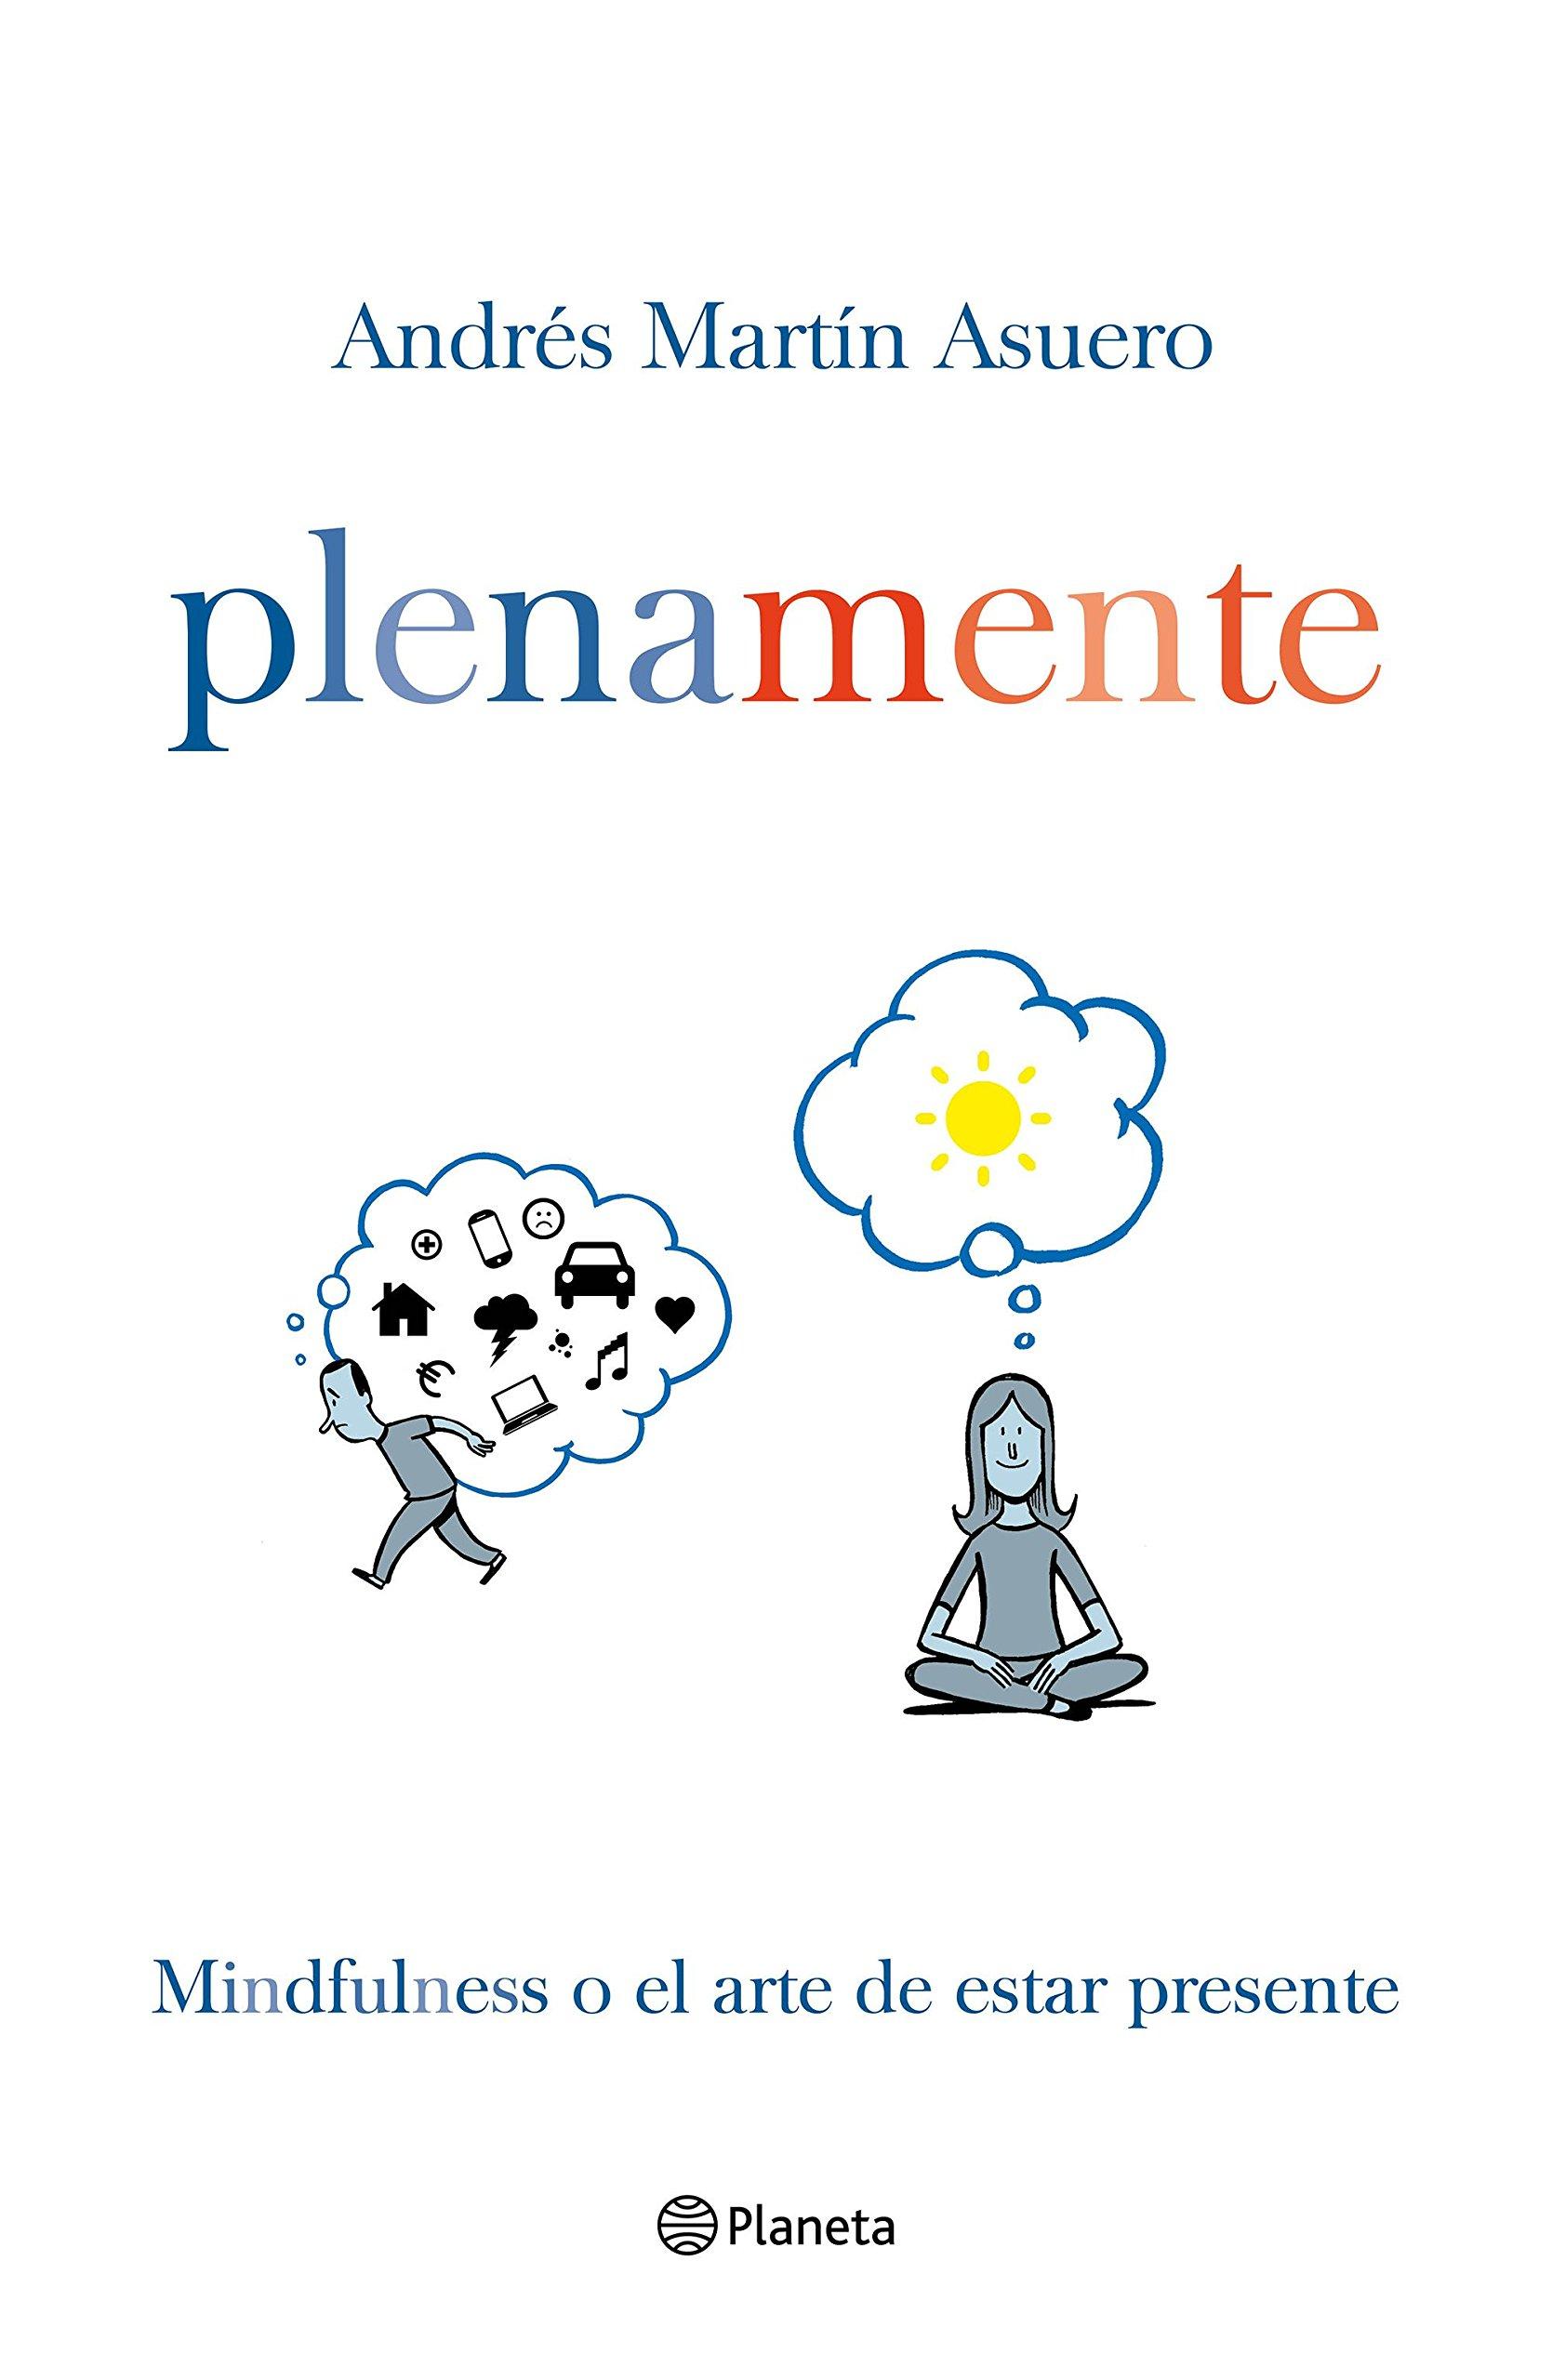 PLENAMENTE: MINDFULLNESS O EL ARTE DE ESTAR PRESENTE.